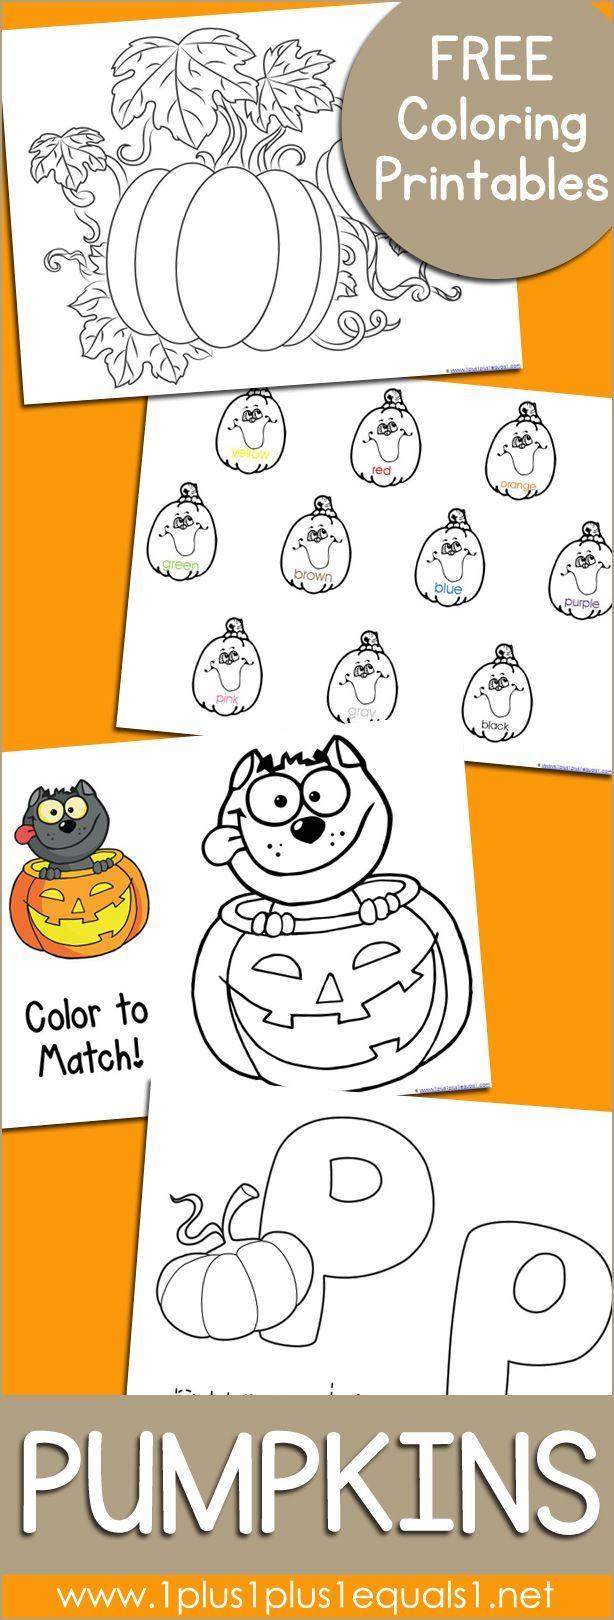 Pumpkins Just Color HOMESCHOOLING